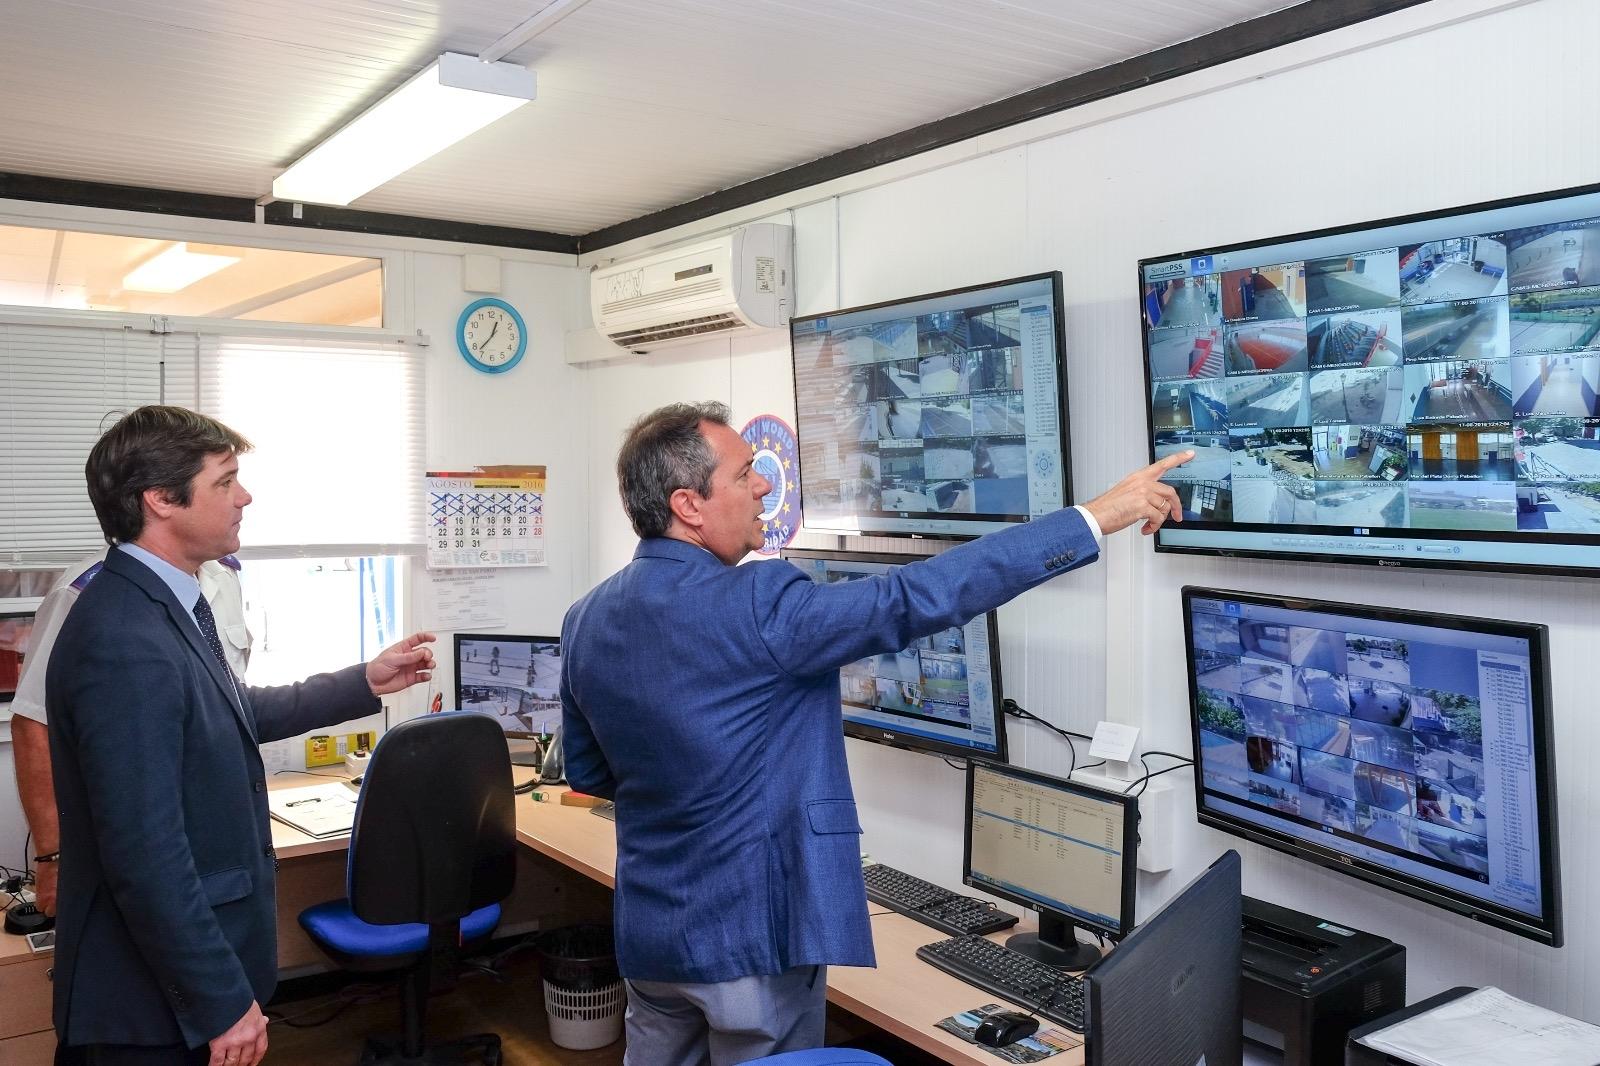 Nuevo sistema de videovigilancia para complemetar la - Sistemas de videovigilancia ...